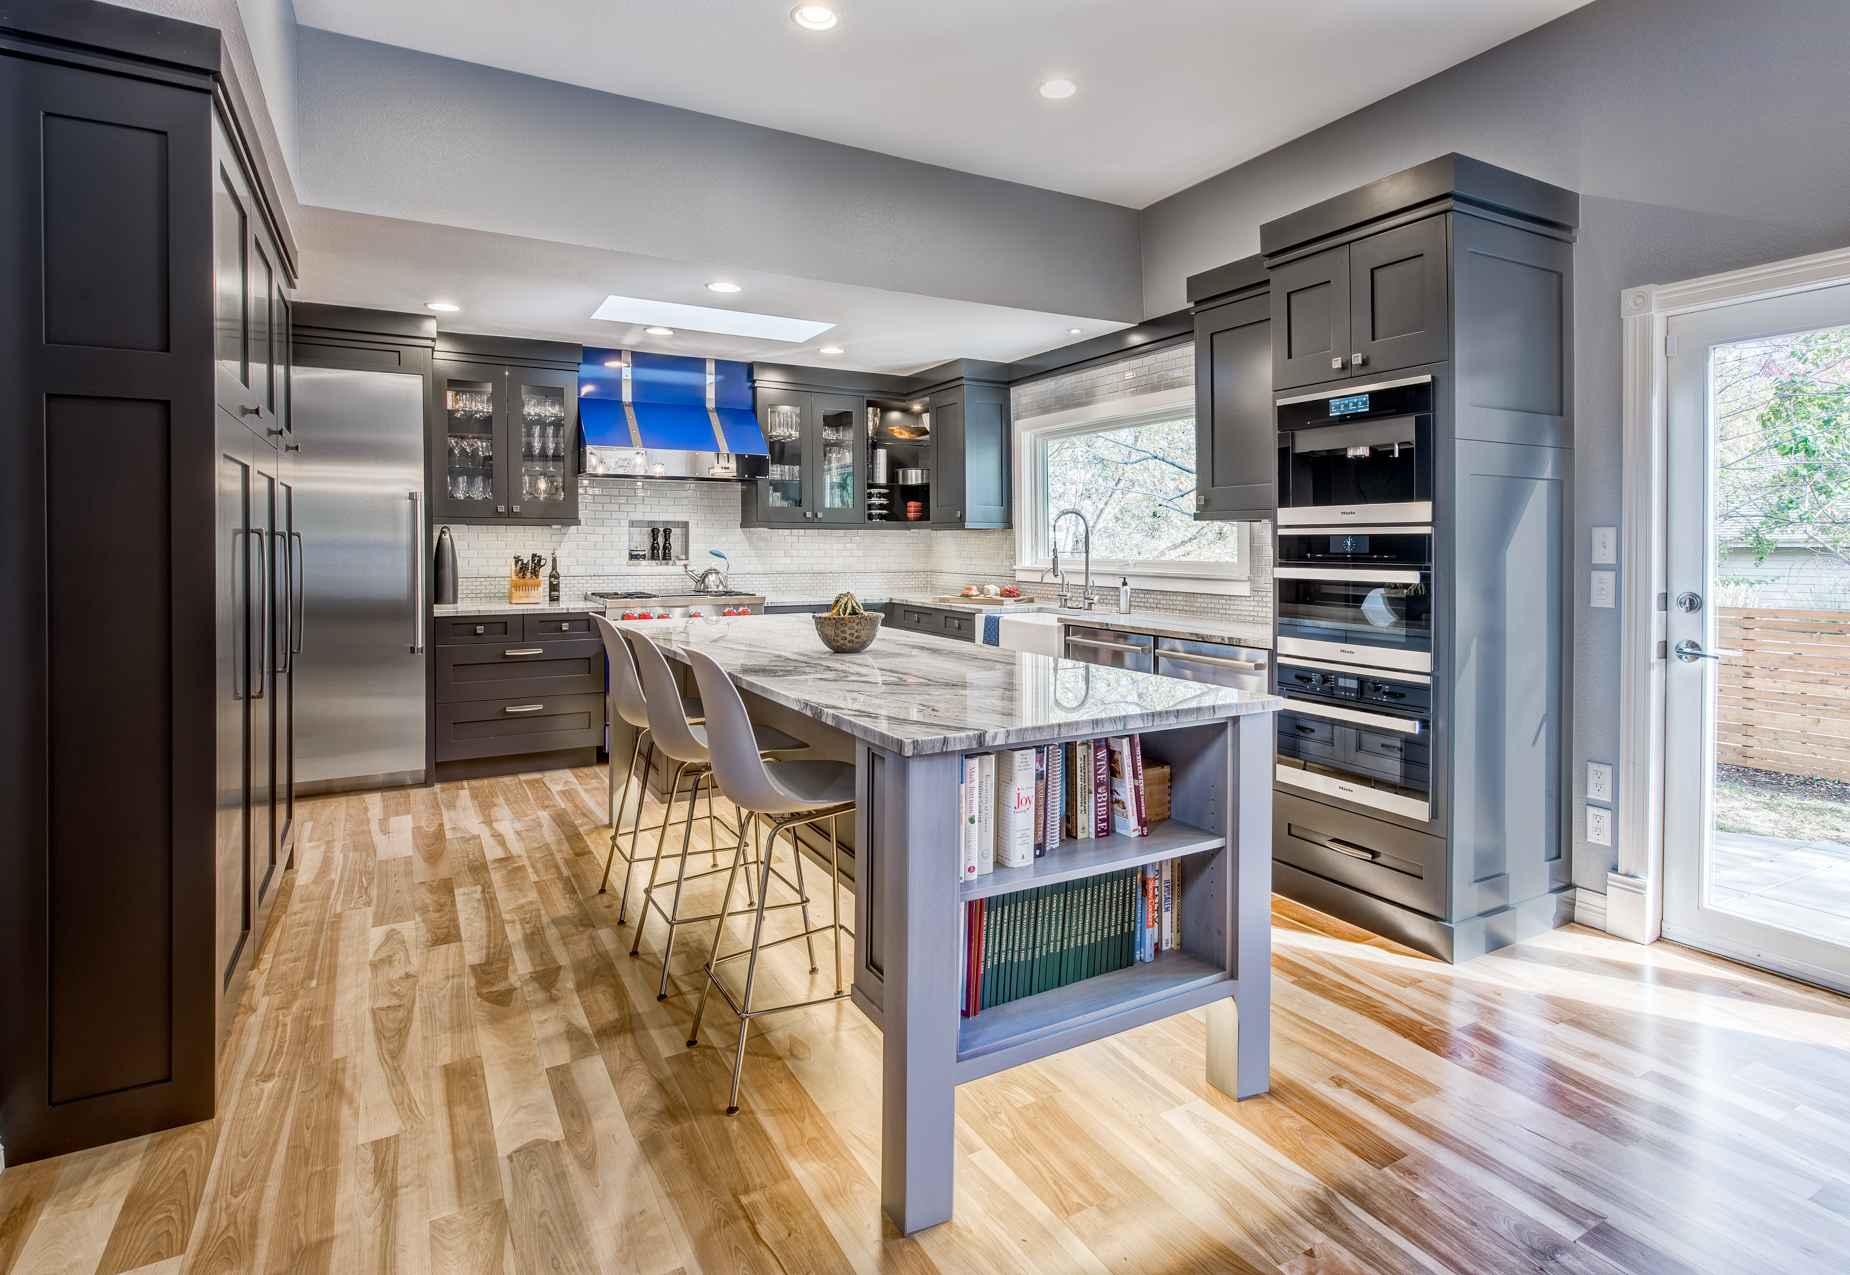 le domaine de chef — sanctuary kitchen and bath design-3.jpg